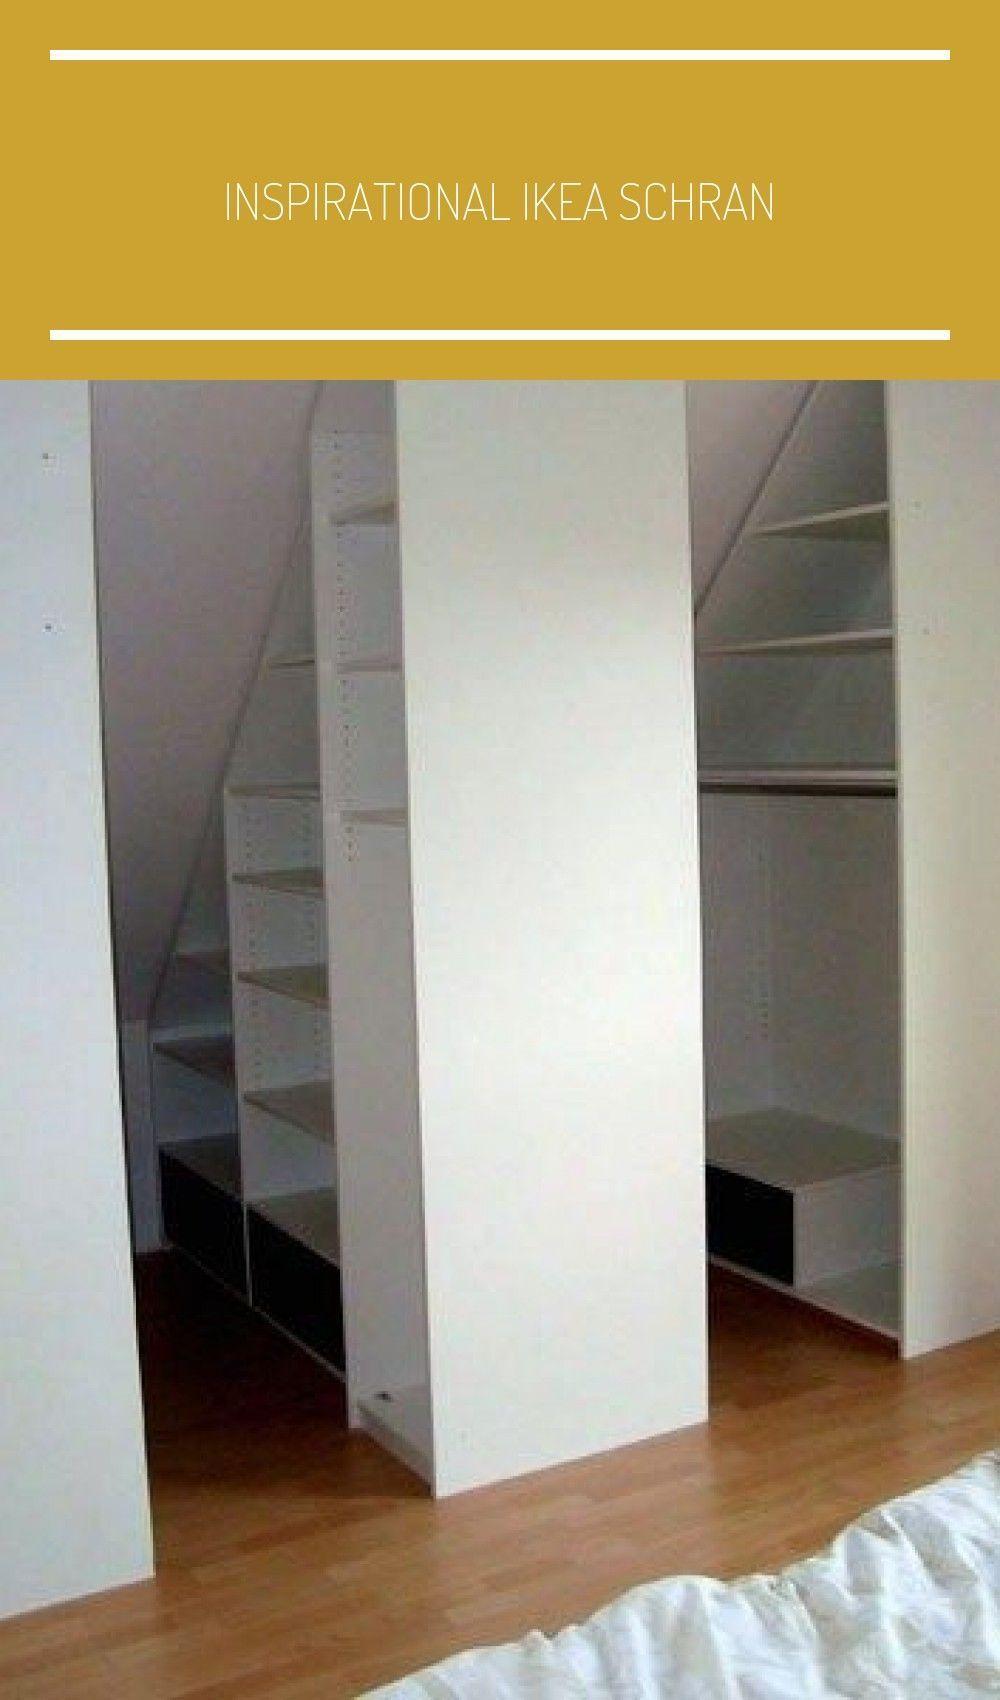 Inspirational Ikea Schrank Dachschrage Arbeitszimmer Einrichten